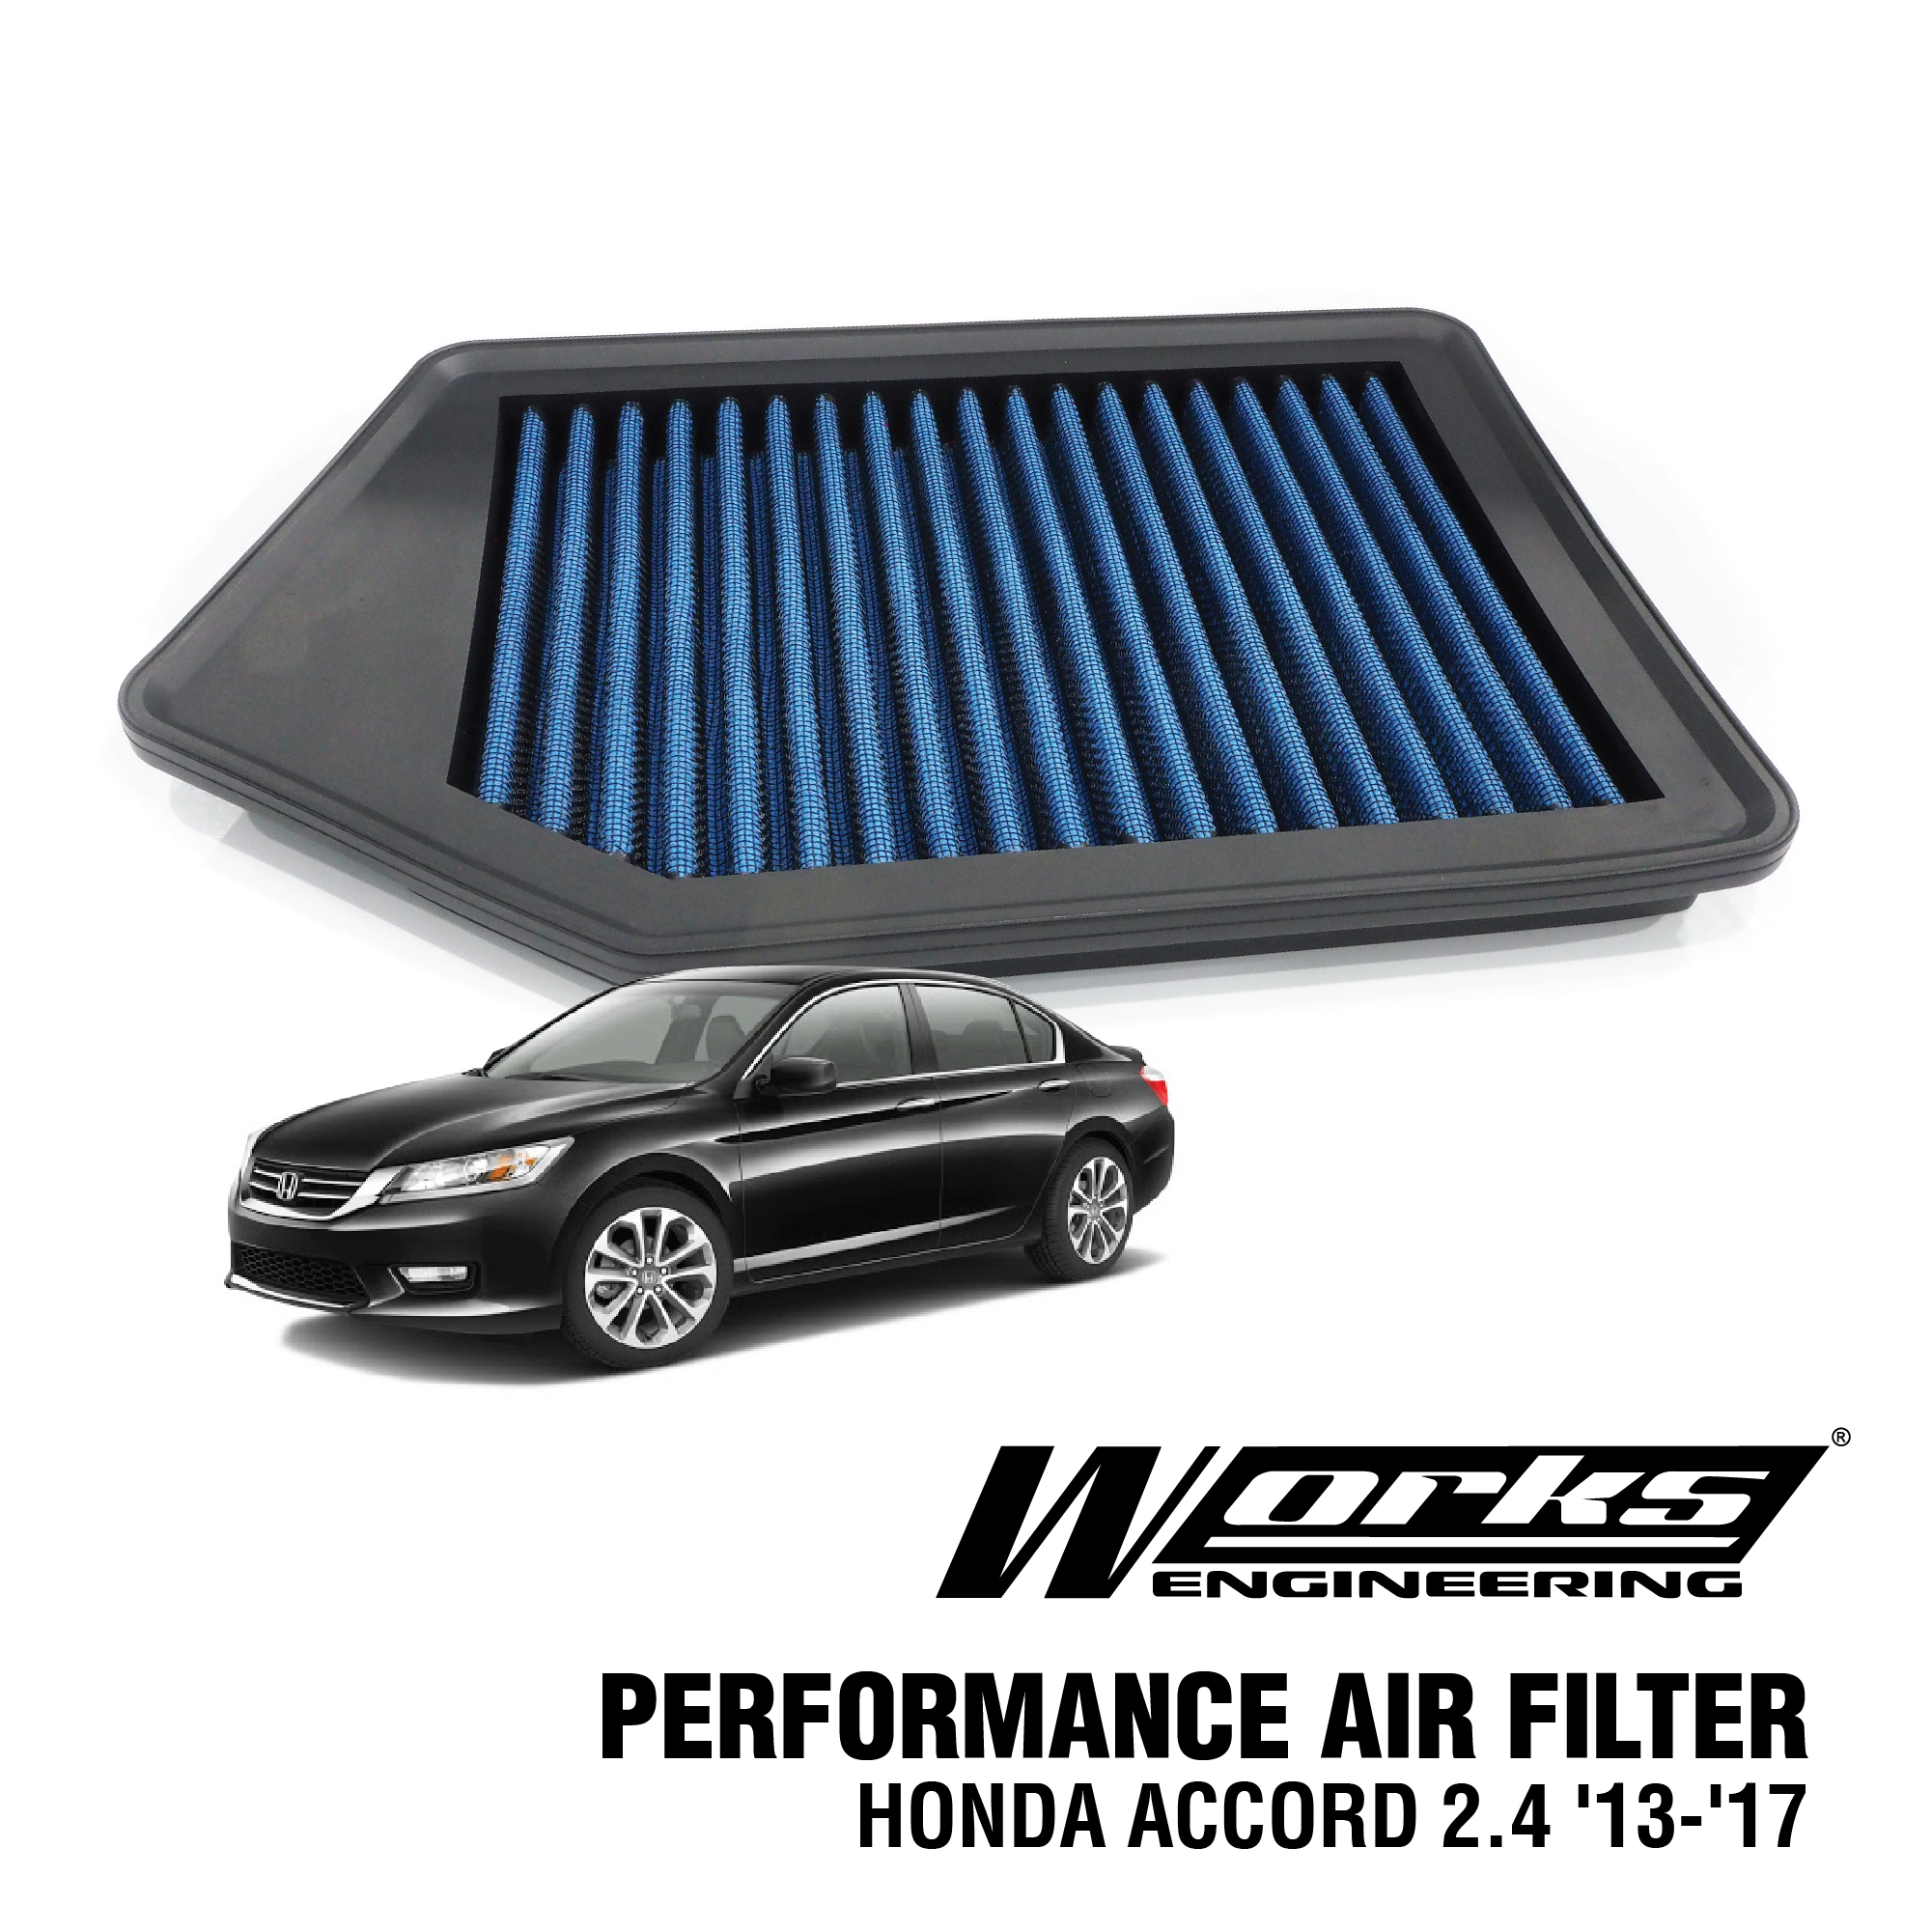 Air filter 2020 Online 03 white bg-01.jpg